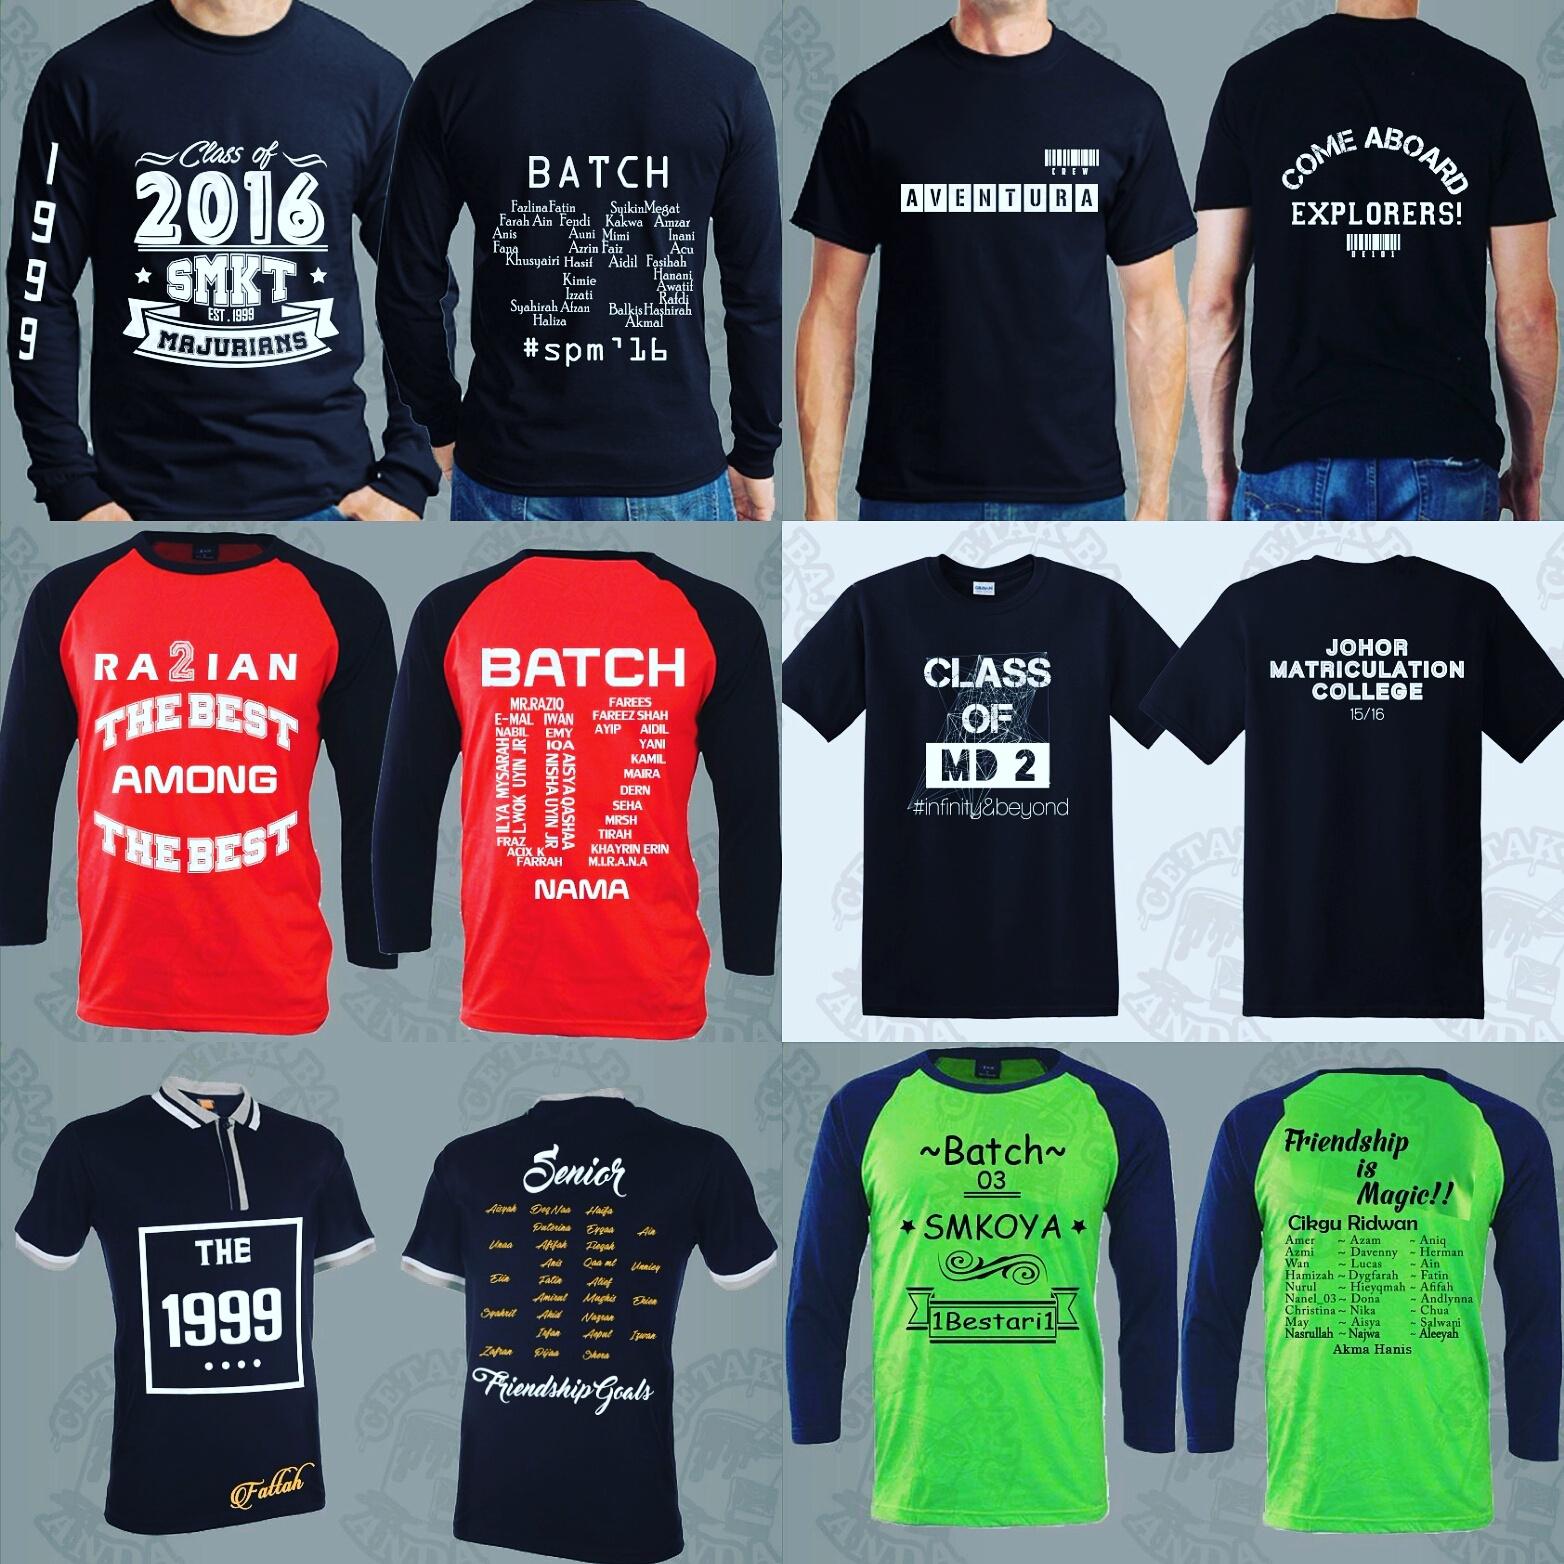 Contoh design tshirt kelas - T Shirt Kelas Desain Design T Shirt Untuk Kelas Tentang Saiz Jangan Risau Kami Telah